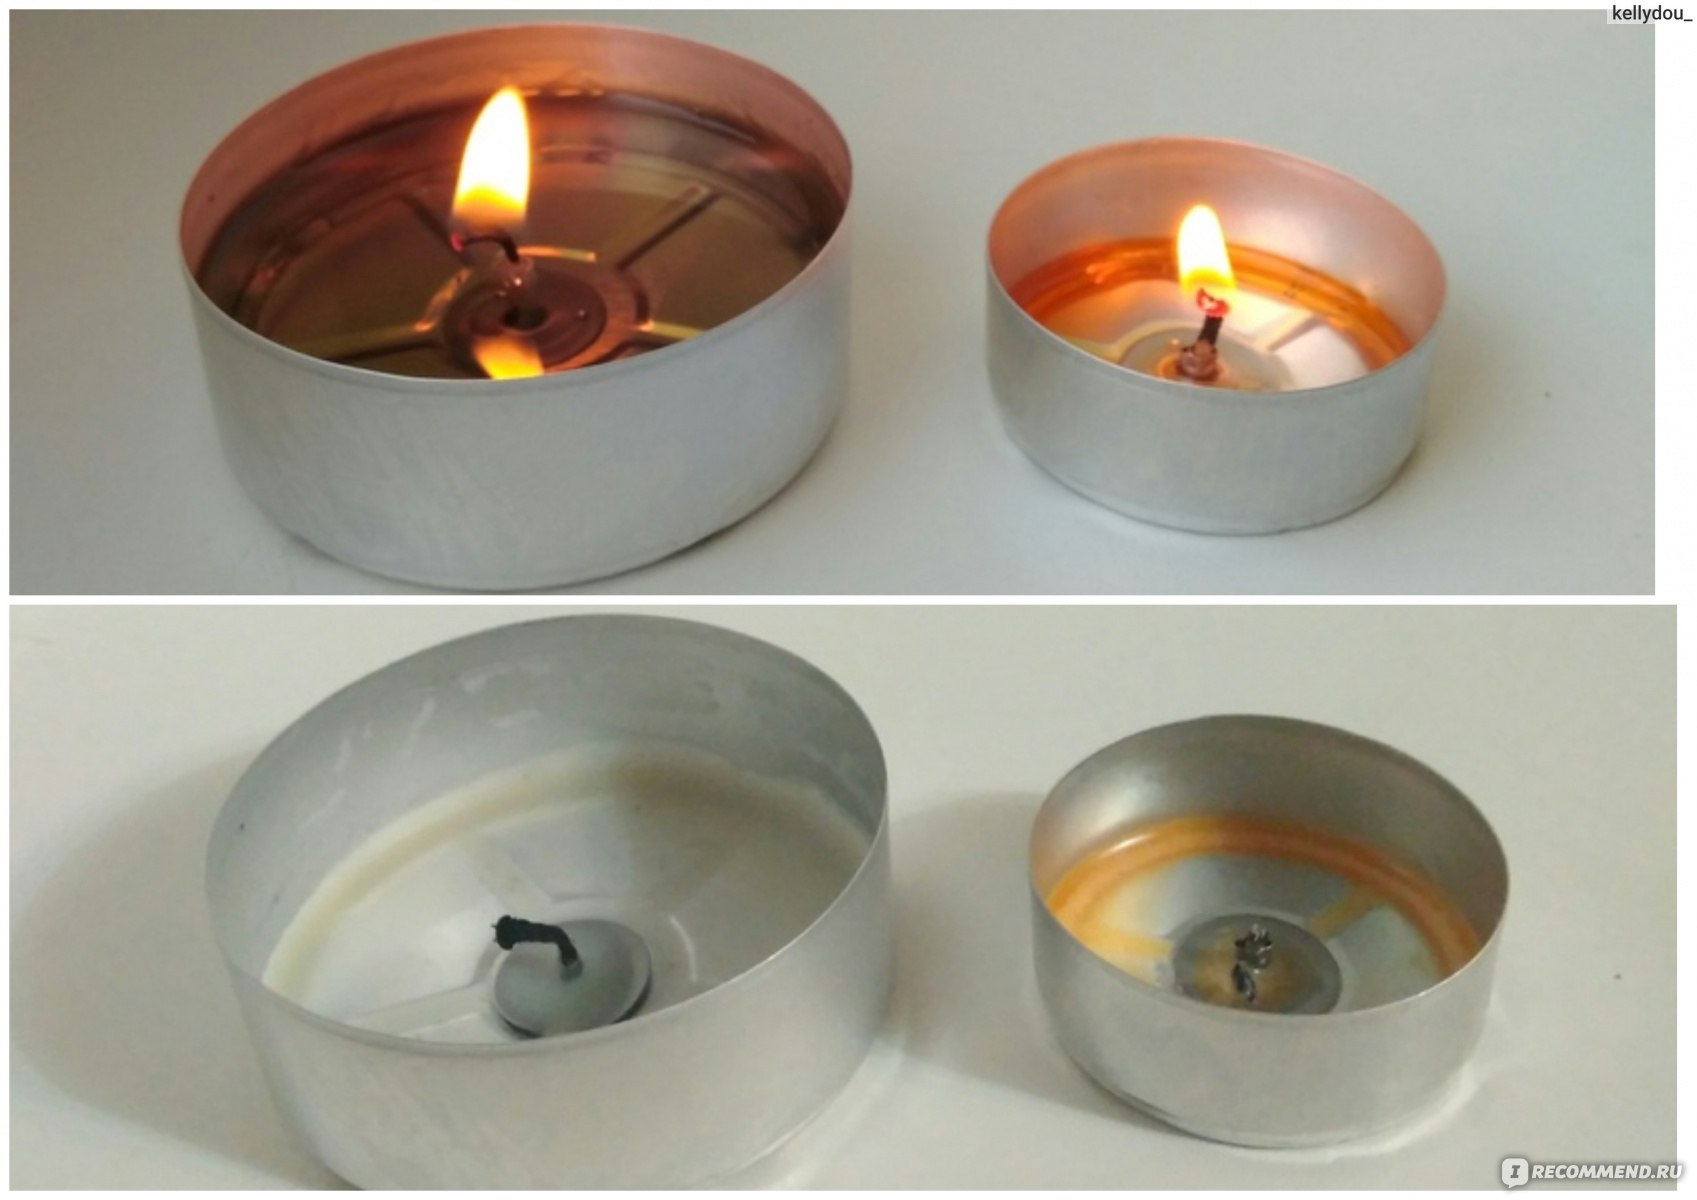 глимма греющие свечи икеа 30 шт сколько на самом деле горят свечи